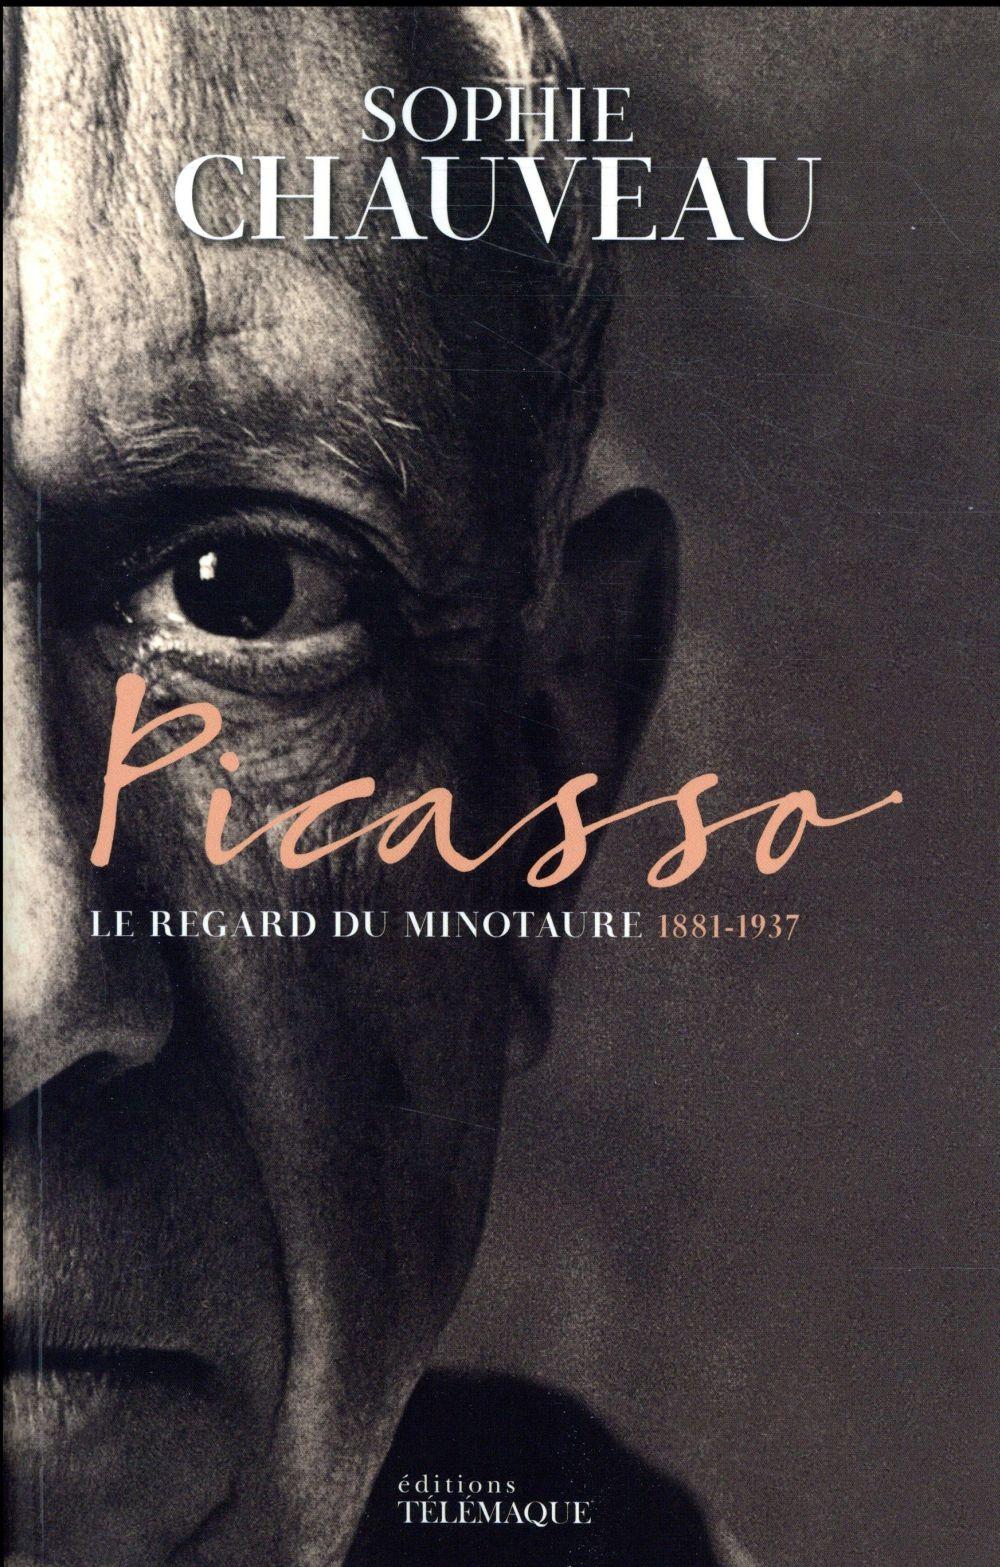 - PICASSO T1 - LE REGARD DU MINOTAURE 1881-1937